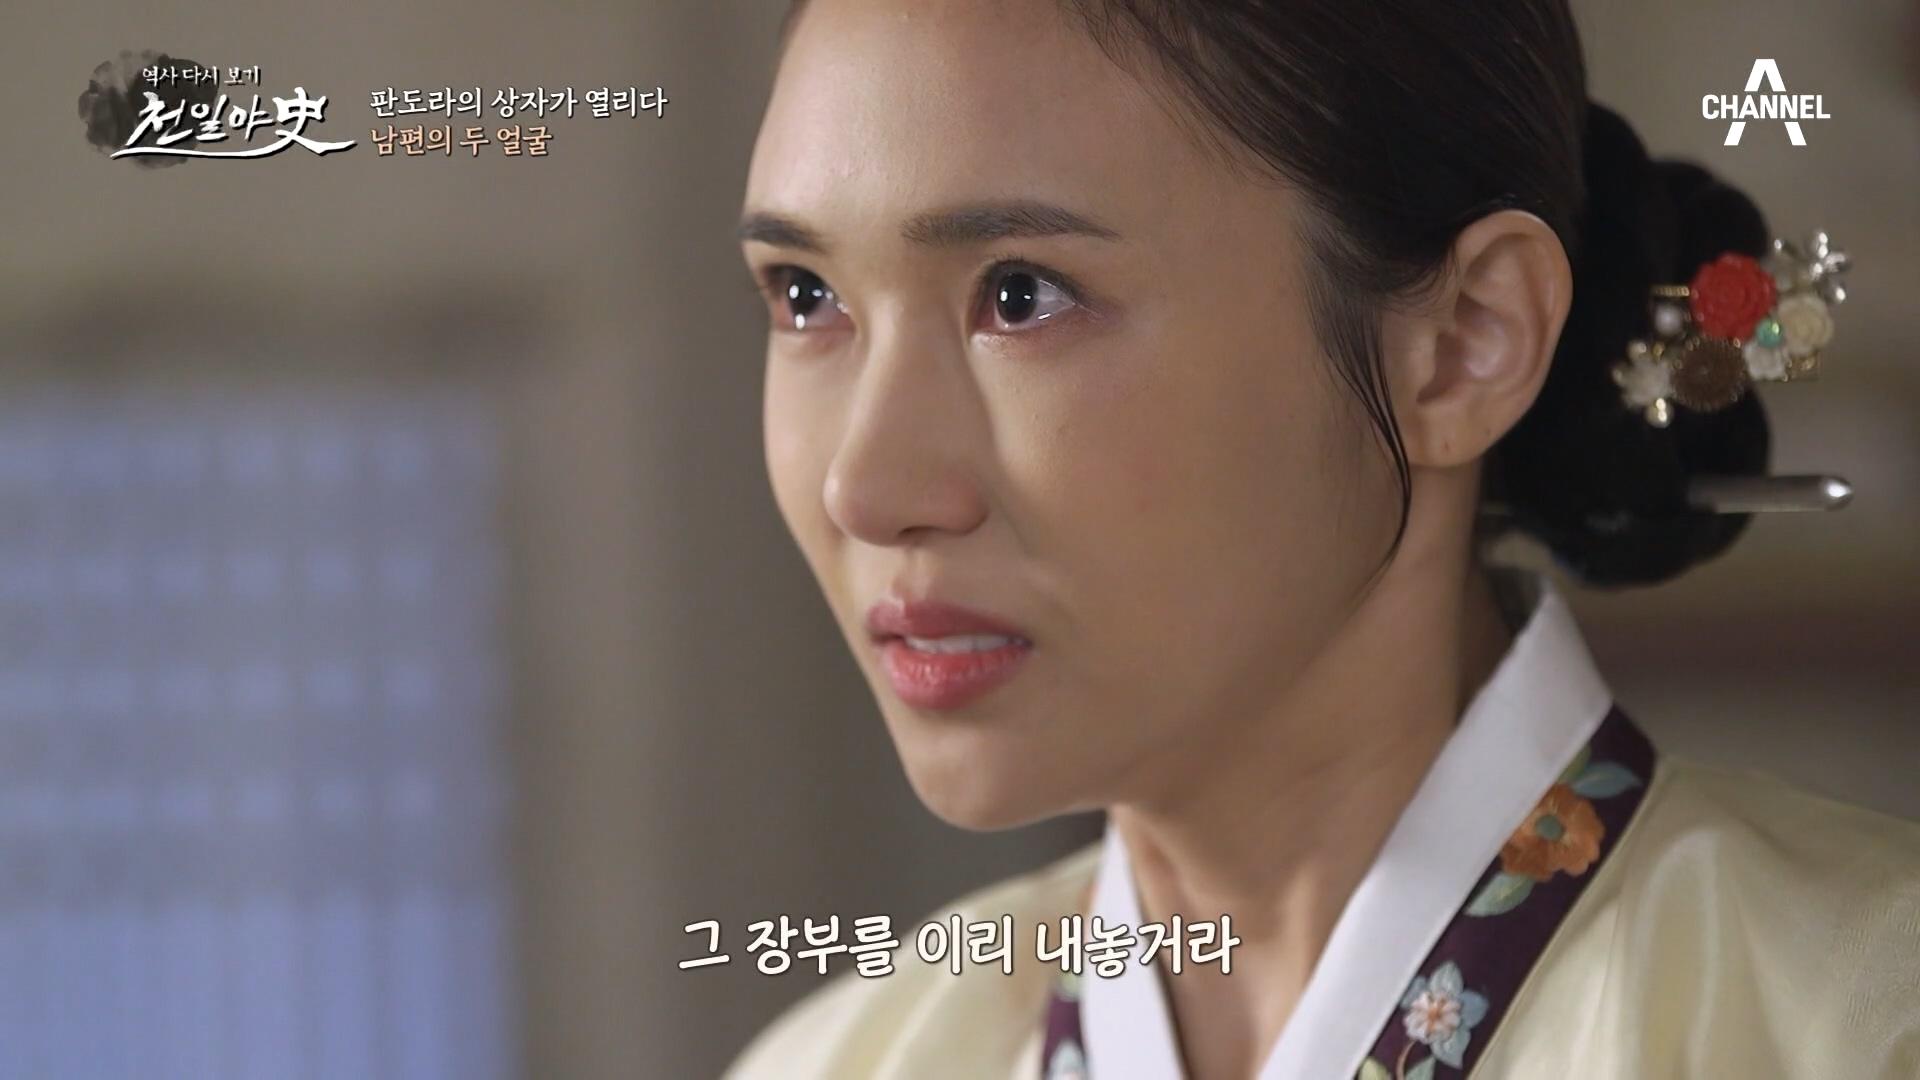 도둑맞은 김 대감의 장부가 초월의 남편 심희순 책방에서 나오다?! 이미지